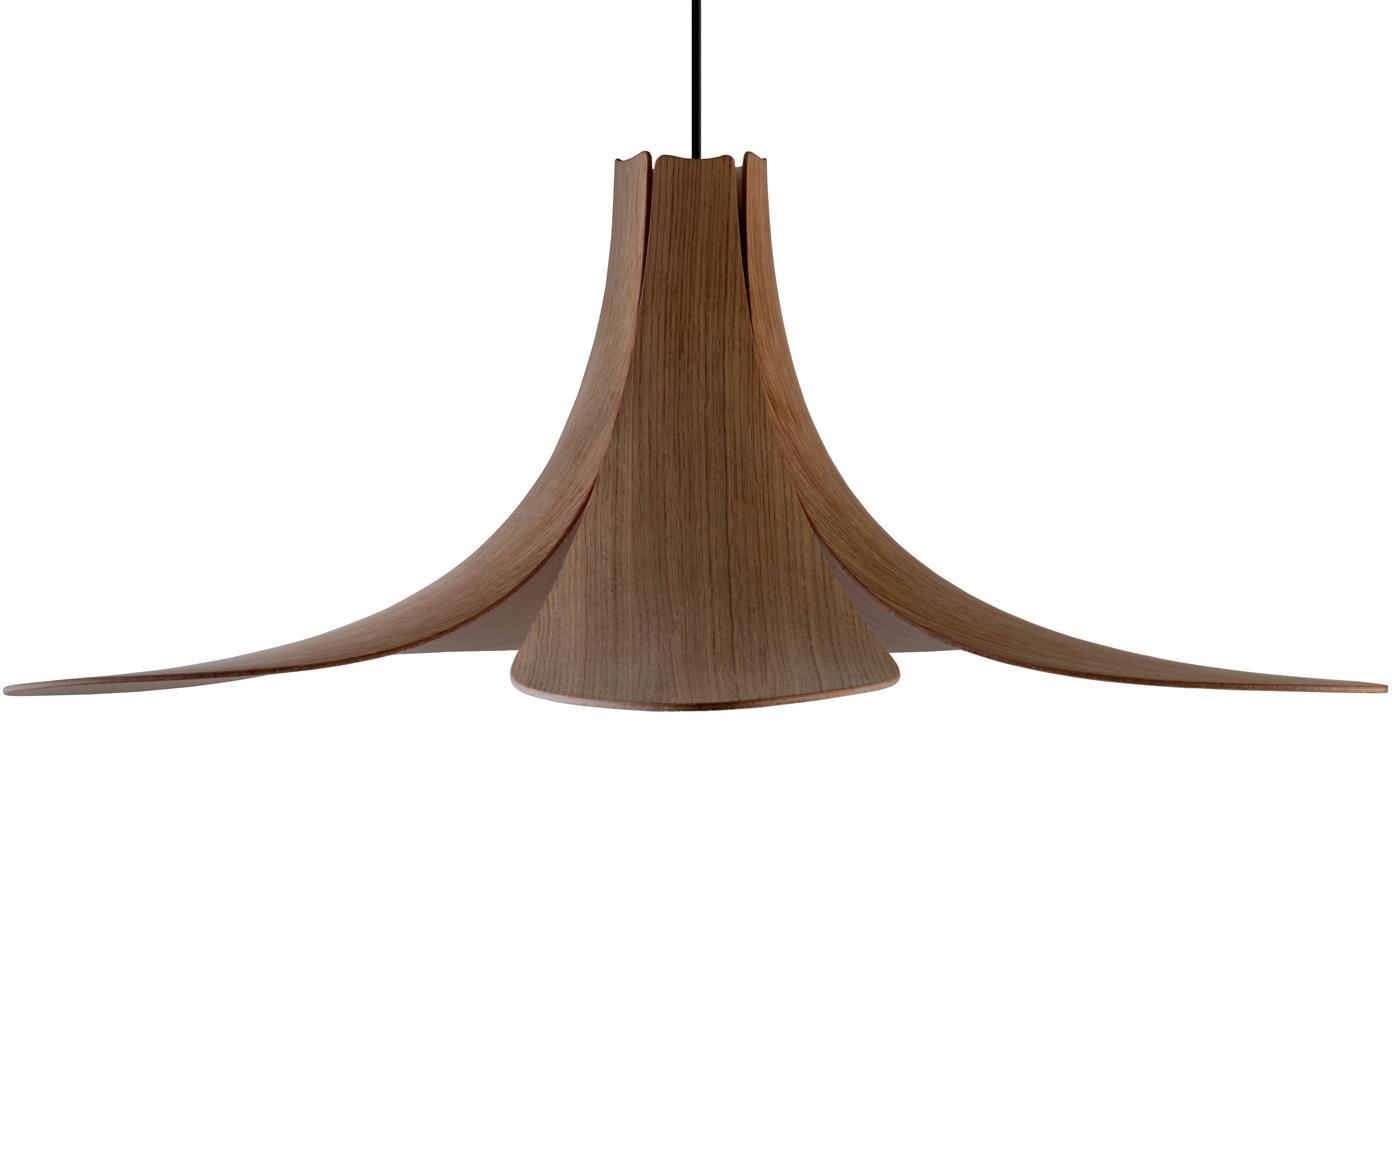 Lampada a sospensione Jazz, Paralume: legno di quercia impialla, Baldacchino: metallo verniciato, Legno di quercia scuro, nero, Ø 65 x Alt. 24 cm